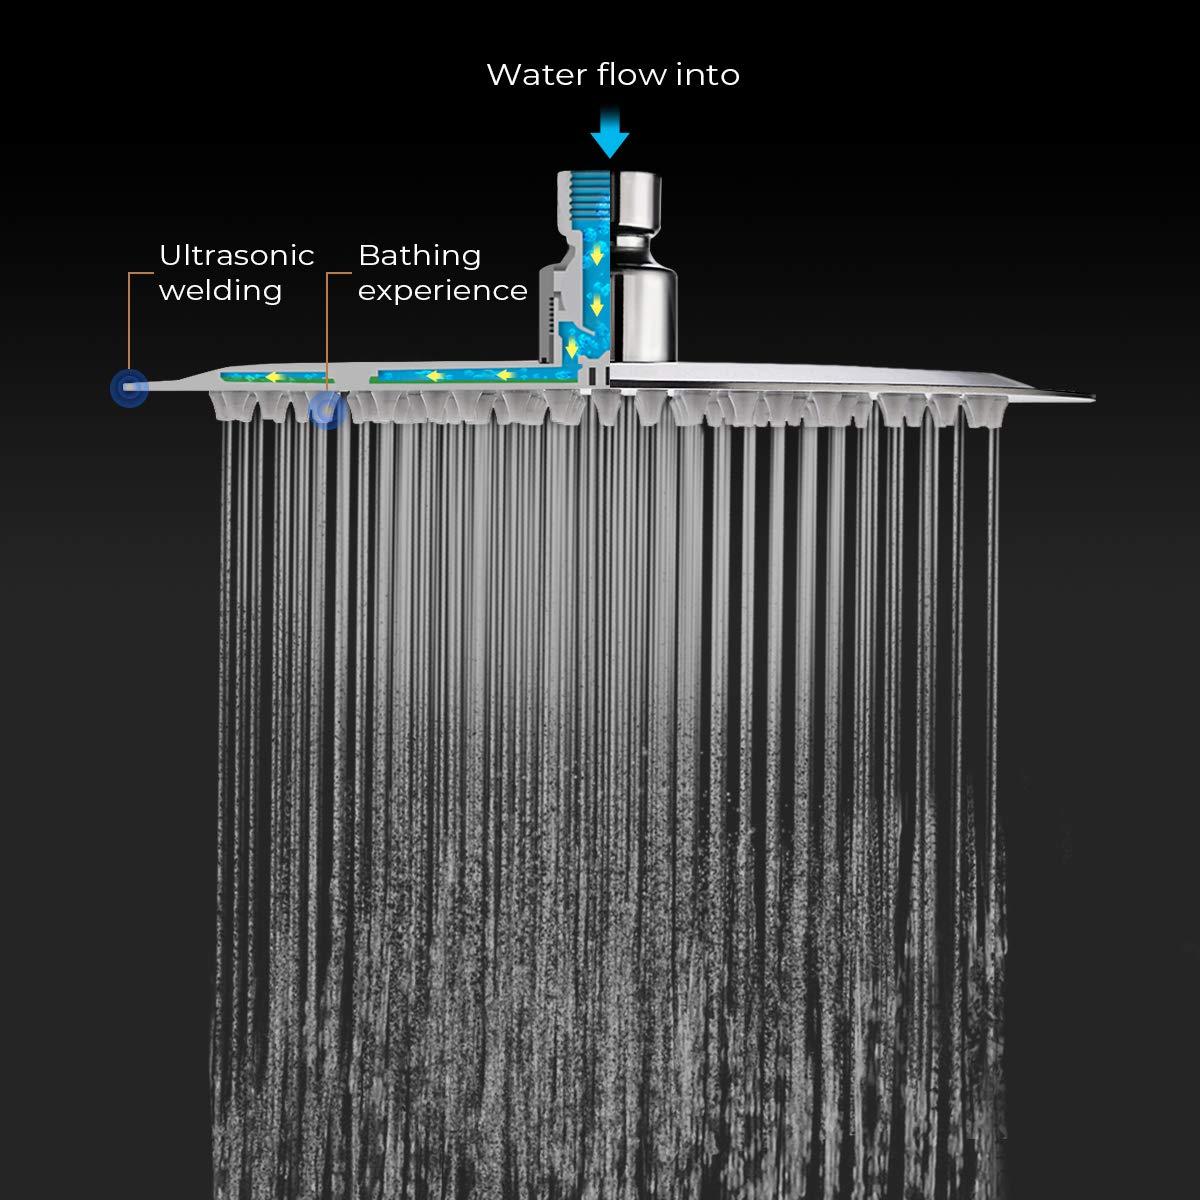 TAPCET Soffione doccia//Soffione cromato Acciaio inossidabile in acciaio inox 304 in acciaio inox superiore Disegno 8 pollici tondo,solo soffioni